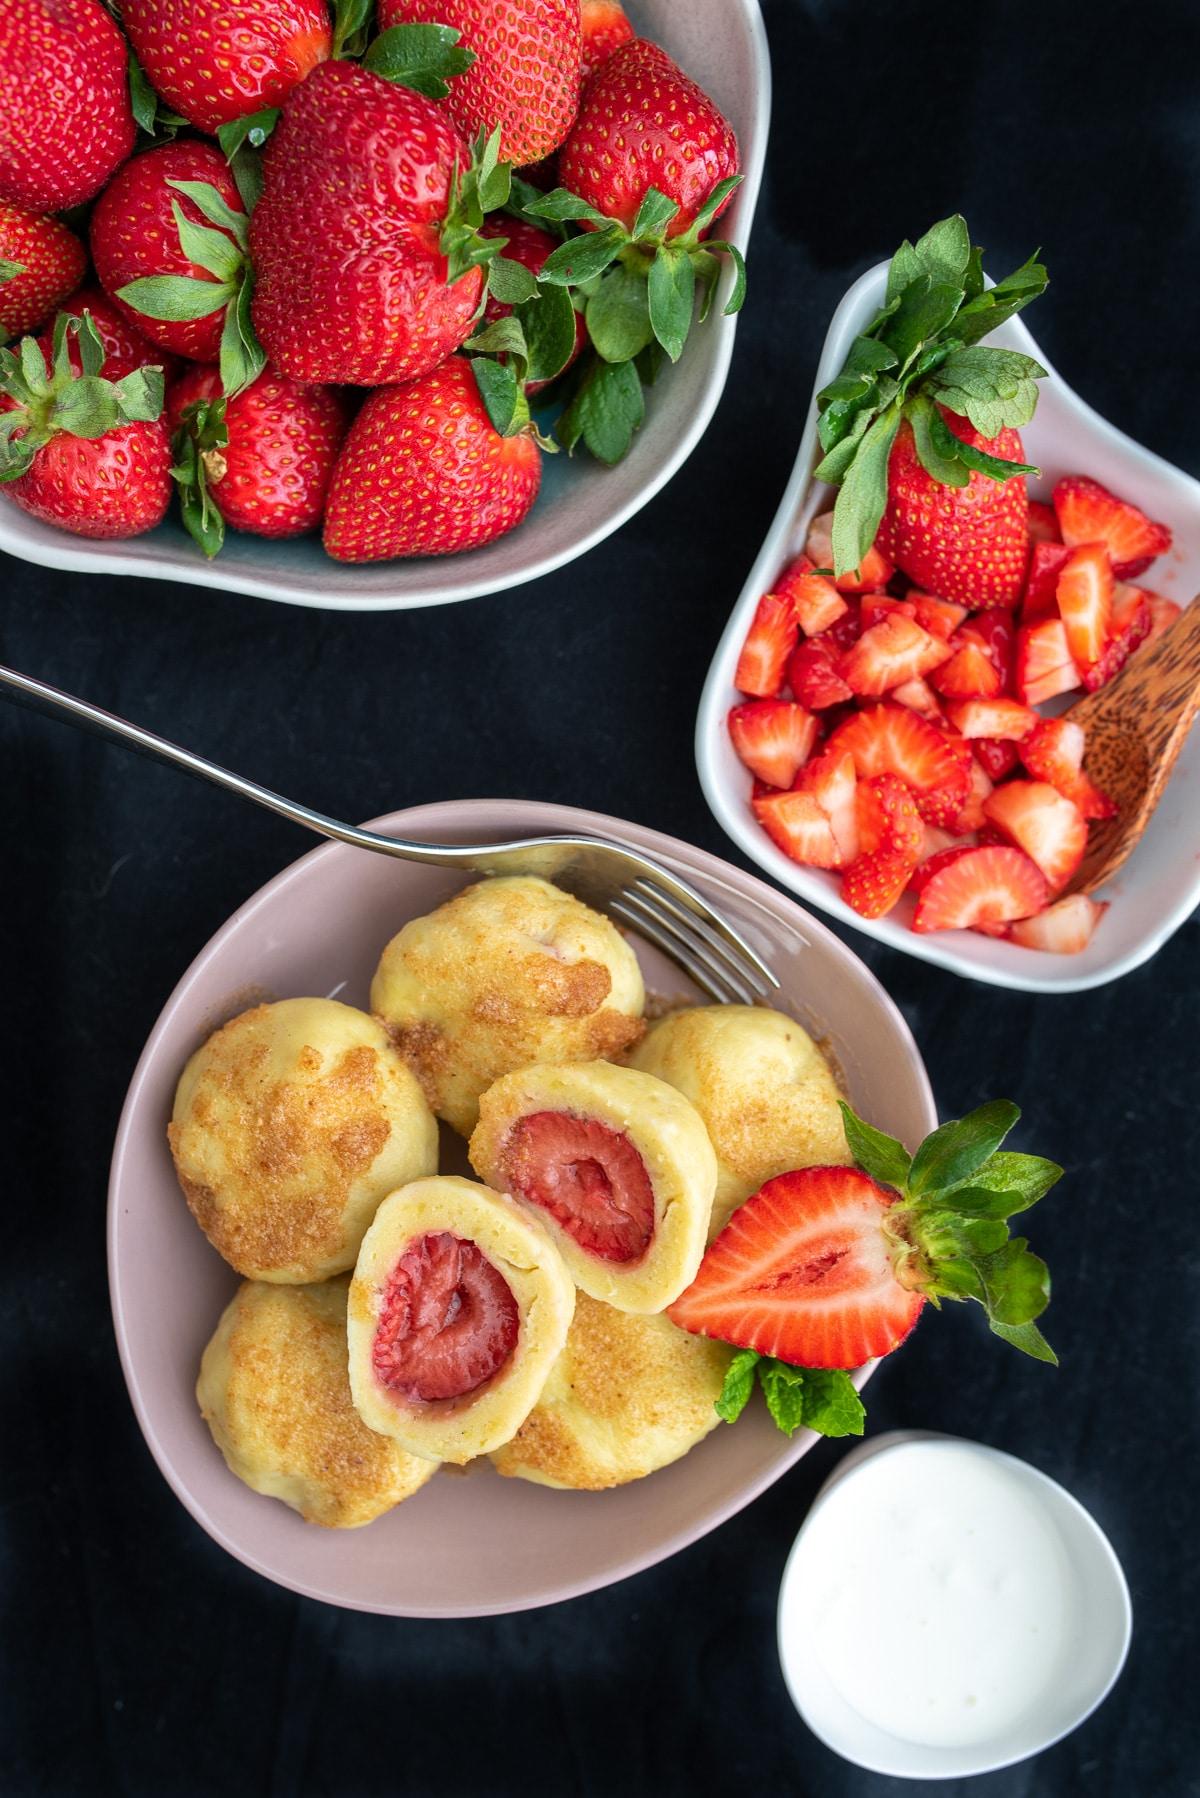 Knedle widziane z góry z nadzieniem ze świeżych truskawek, obok miseczki z truskawkami i śmietaną